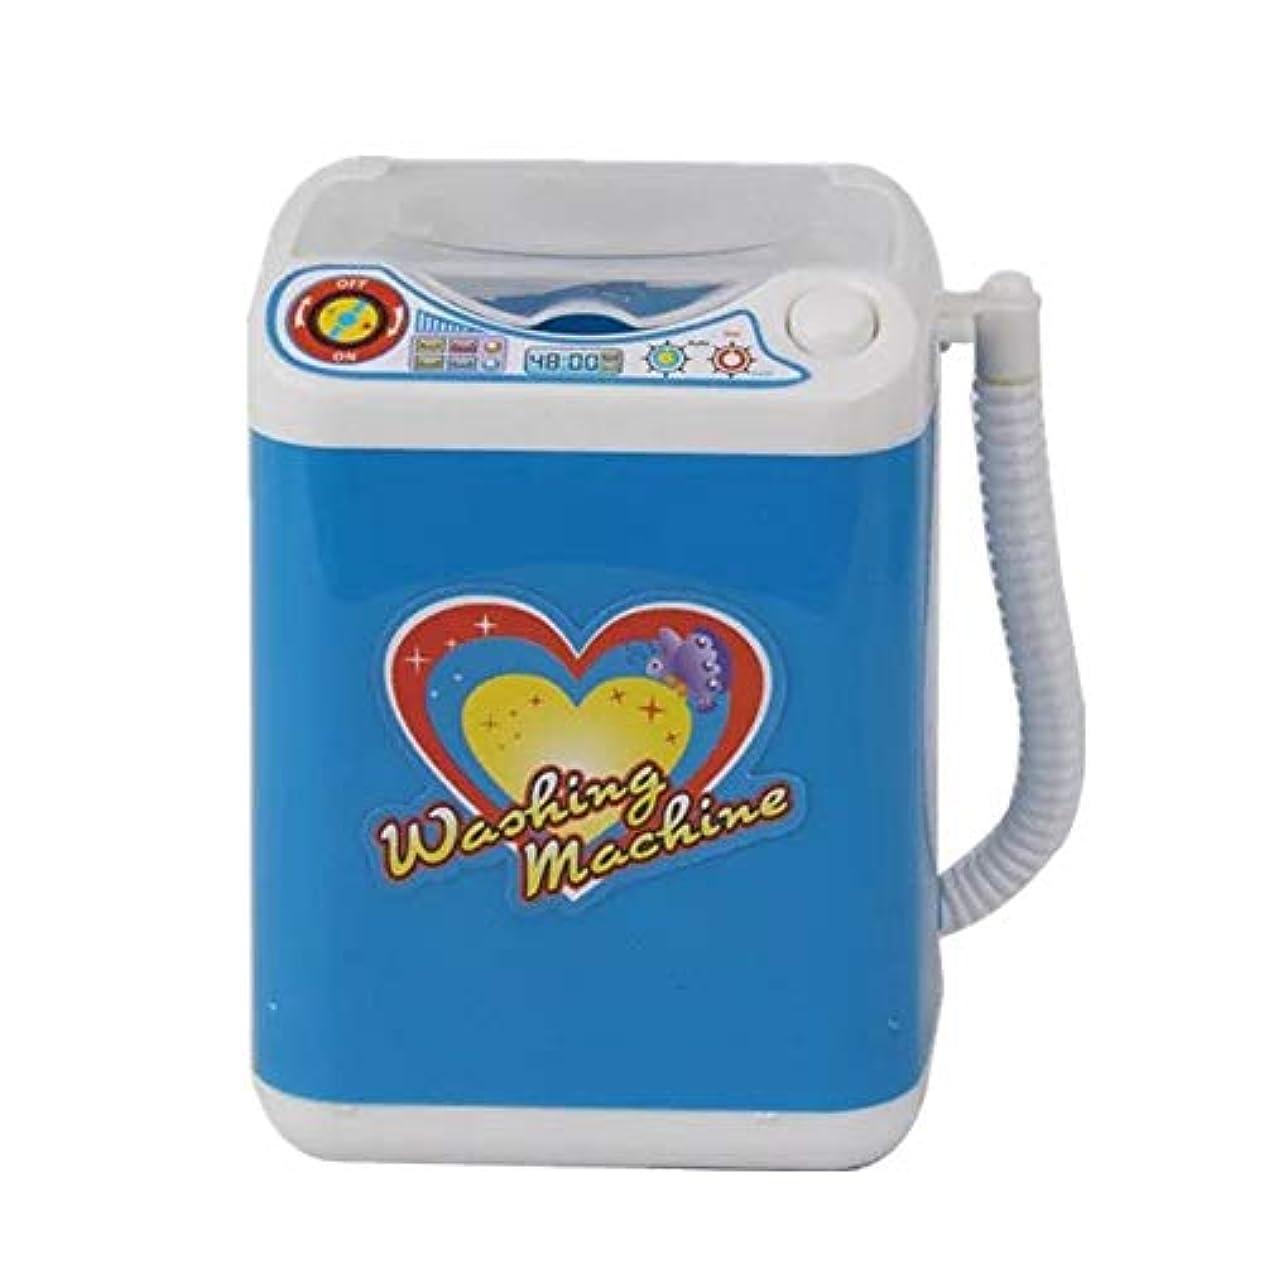 増強する日常的に誰のMissley ミニブレンダー洗濯機のおもちゃ美容スポンジブラシワッシャーメイクアップブラシクリーナー模擬電化製品教育ギフト (Style3)